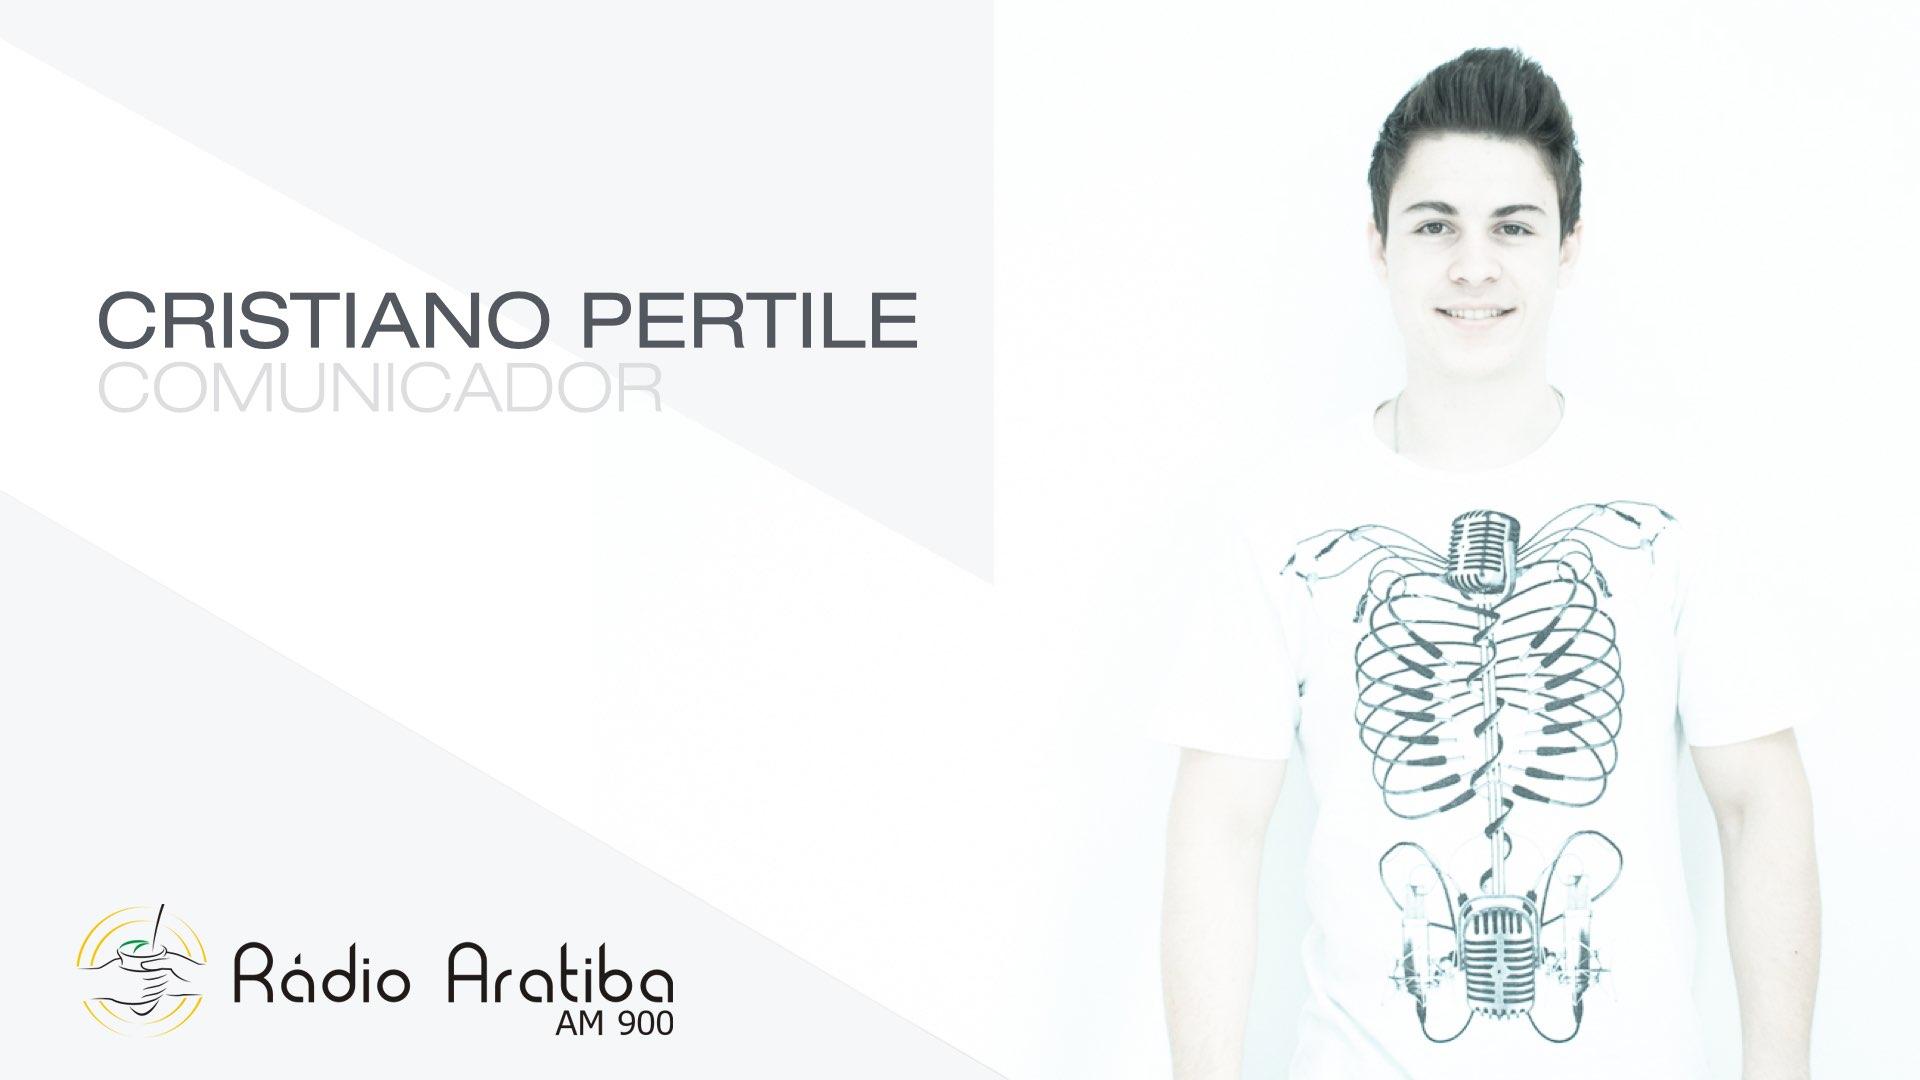 radio_aratiba_equipe_.009